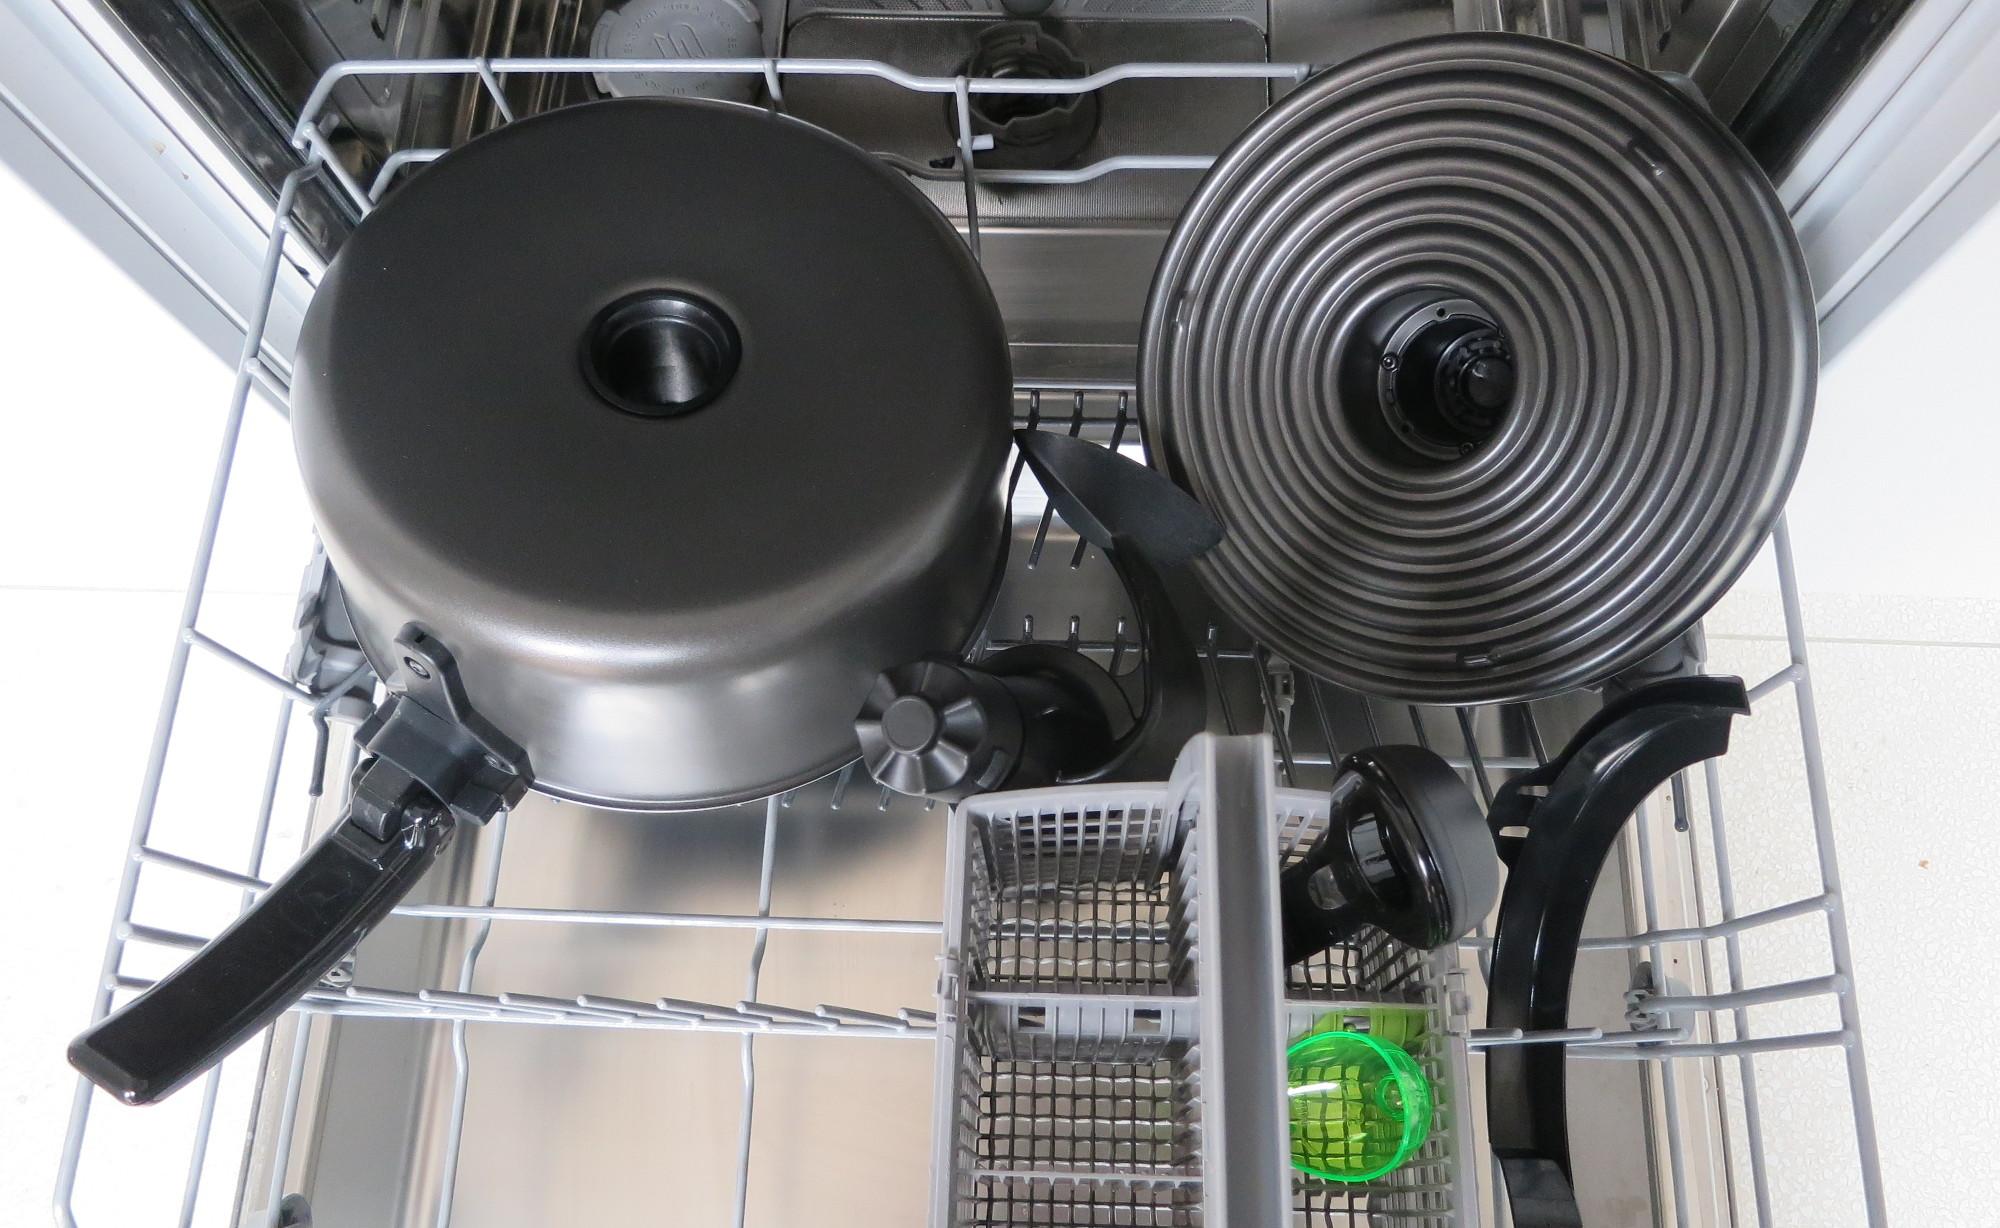 Teile der Heißluftfritteuse Tefal ActiFry Genius XL 2in1 in der Spülmaschine